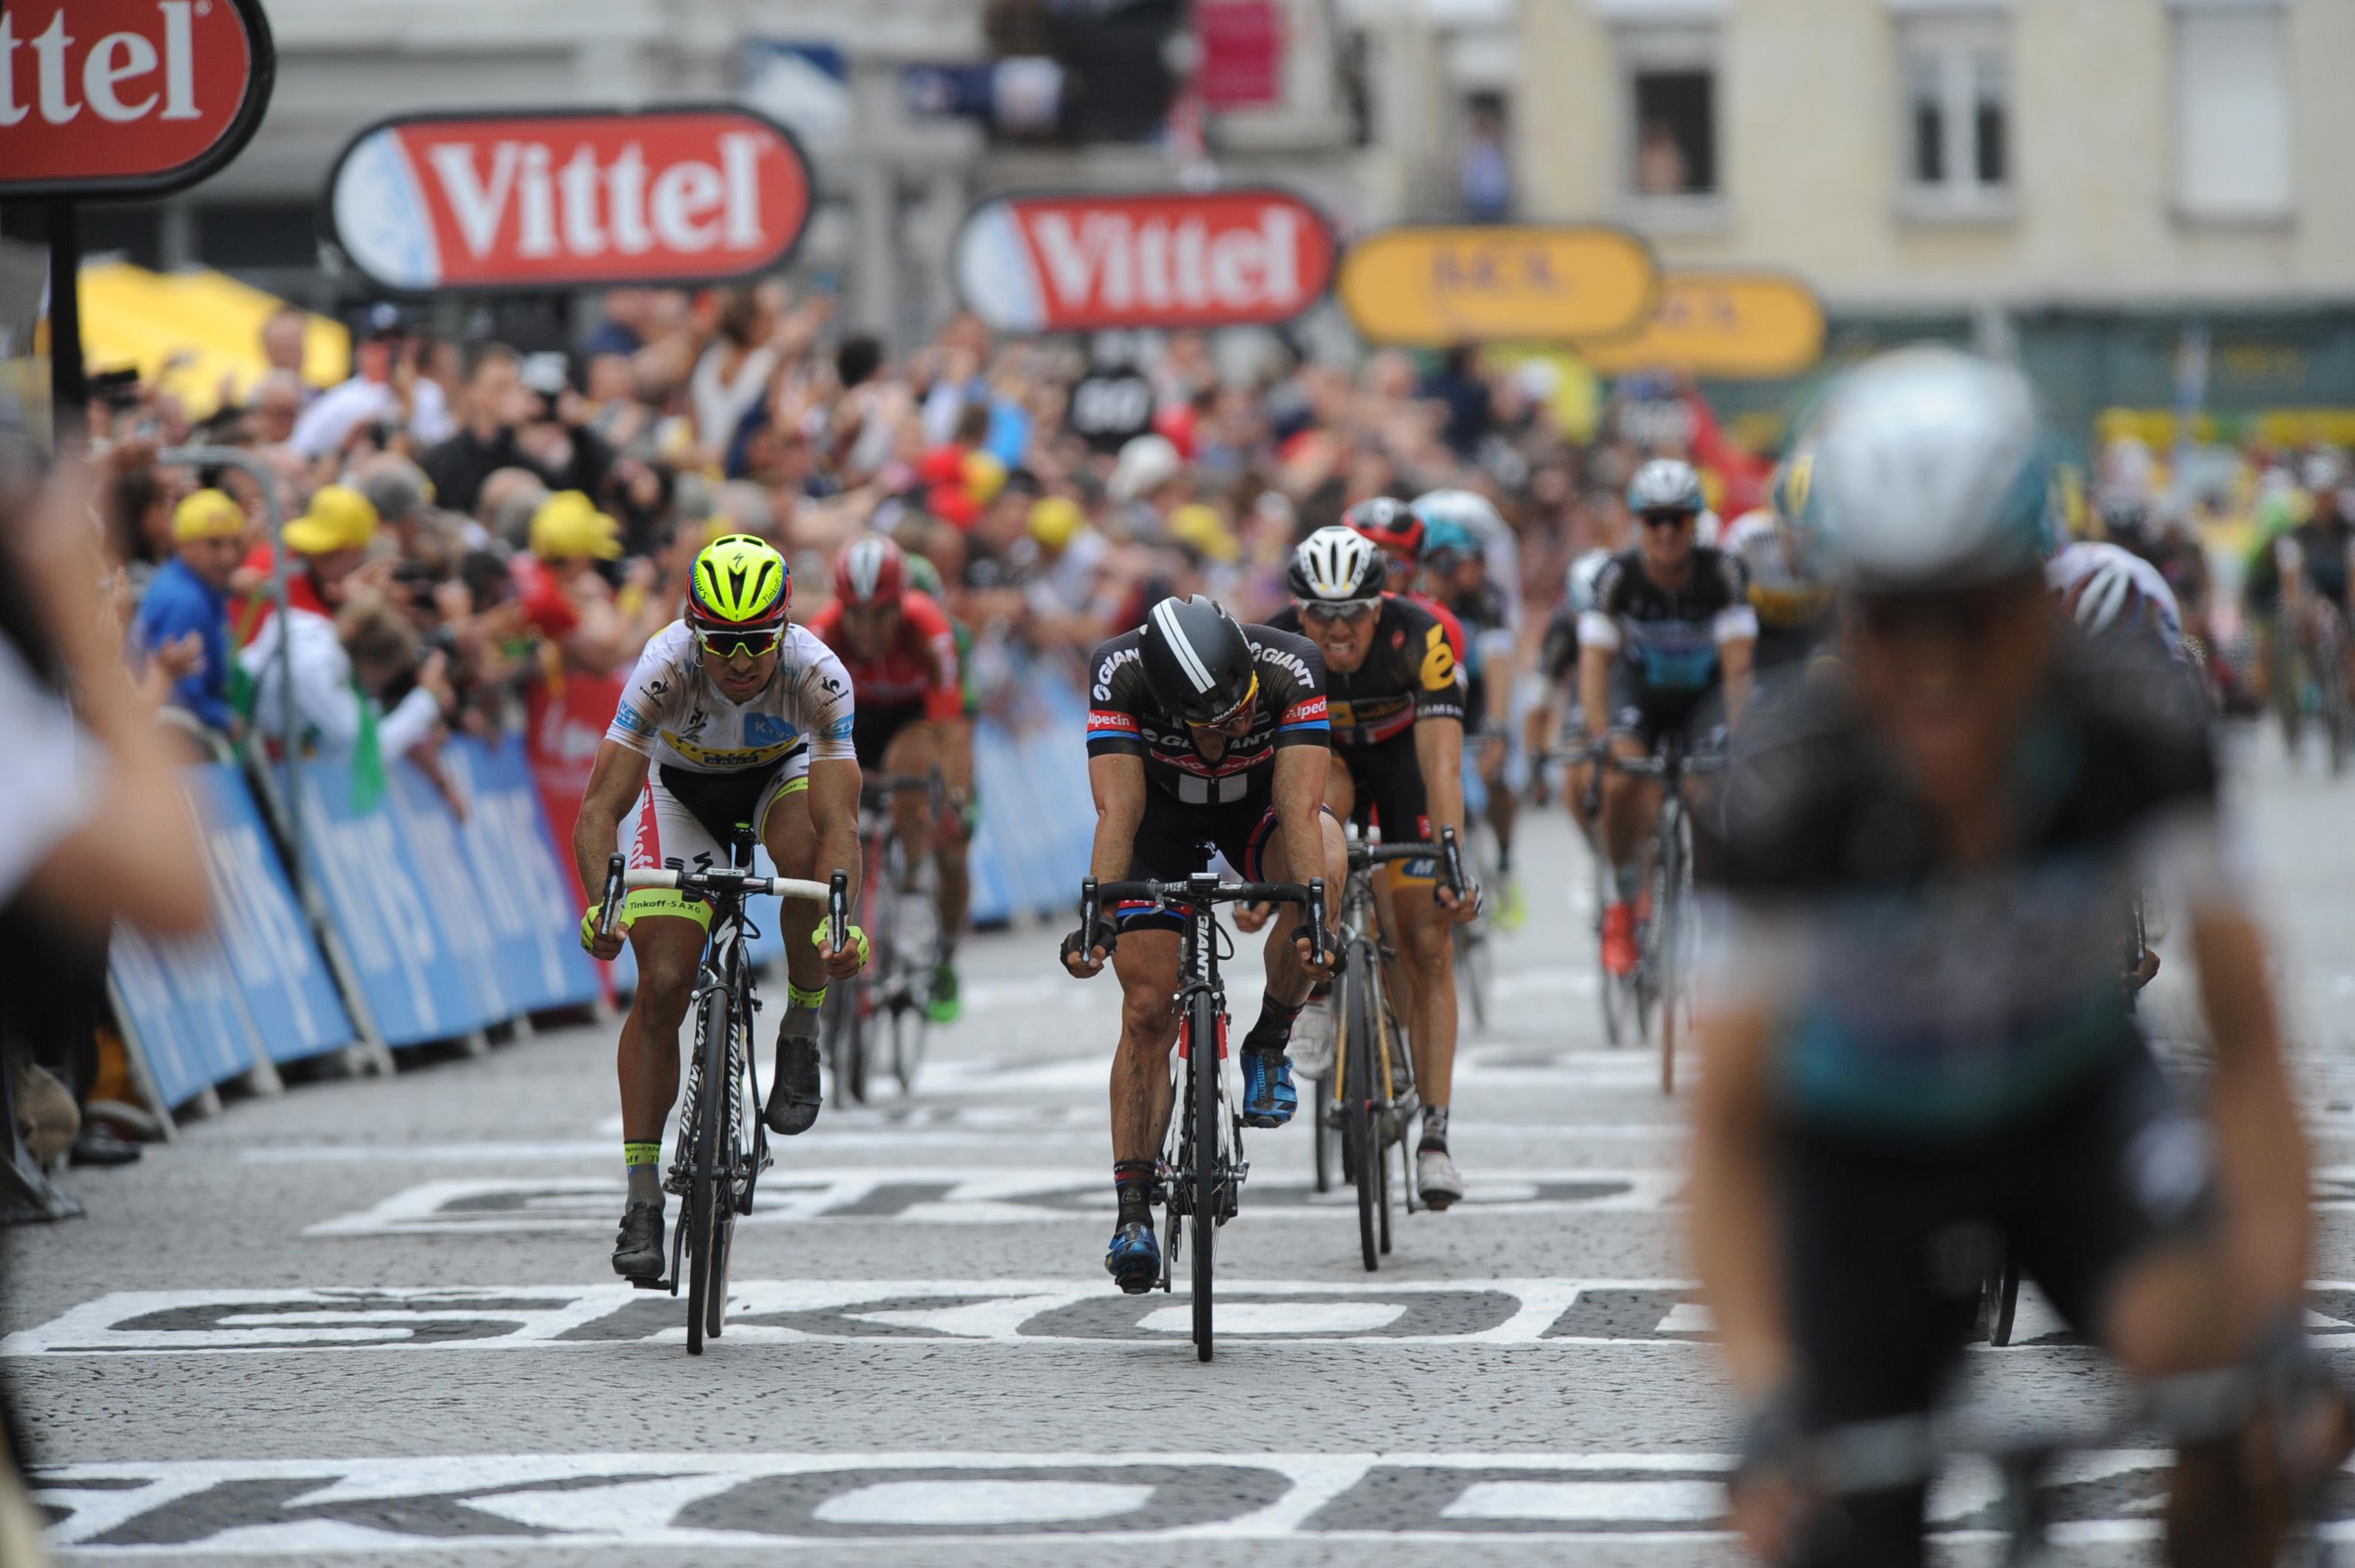 John Degenkolb sichert sich den zweiten Platz der 4. Etappe der Tour de France 2015. (pic: Sirotti)